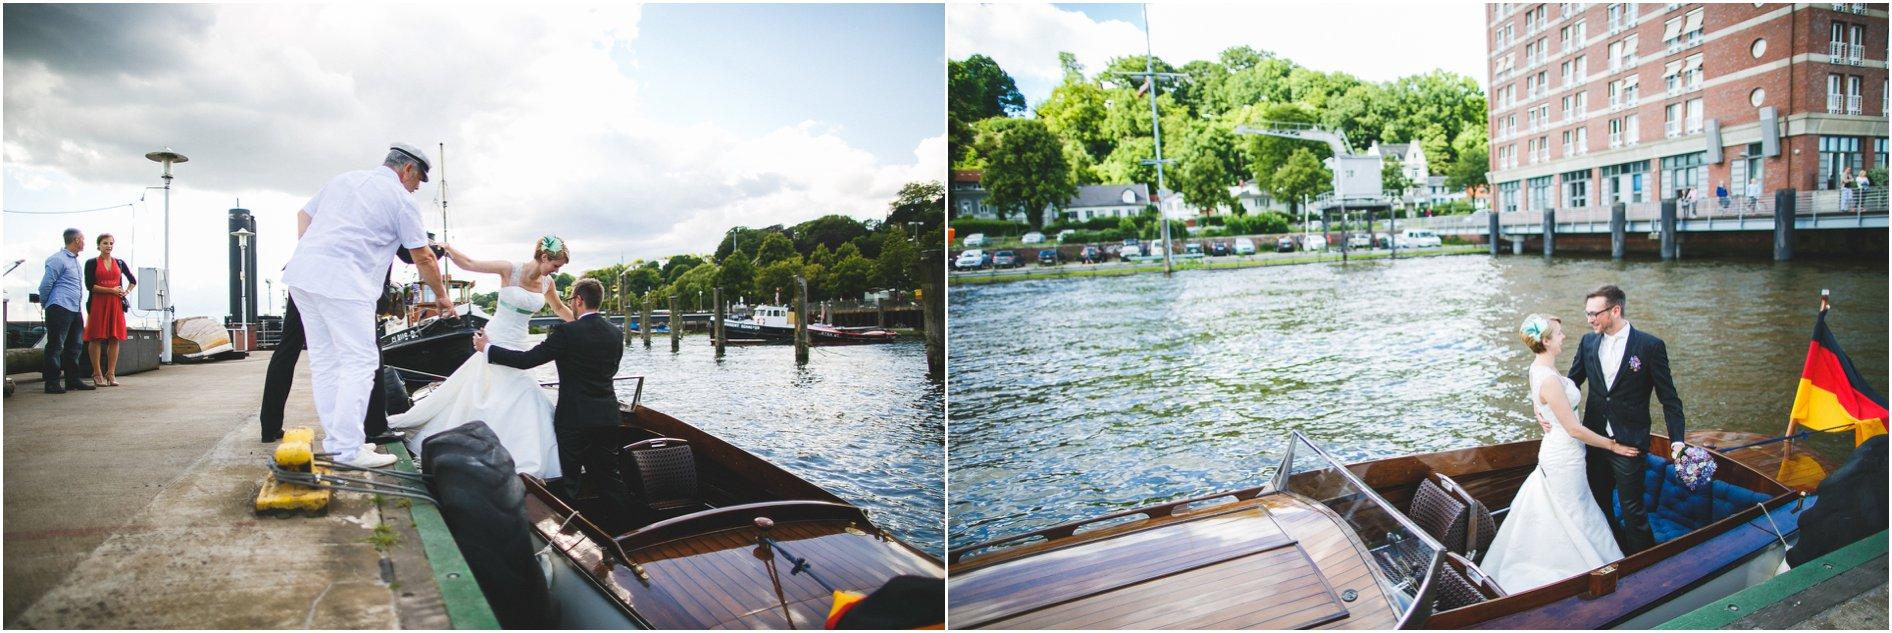 2014-07-16_0311 Über die Elbe mit Sarah & Benny